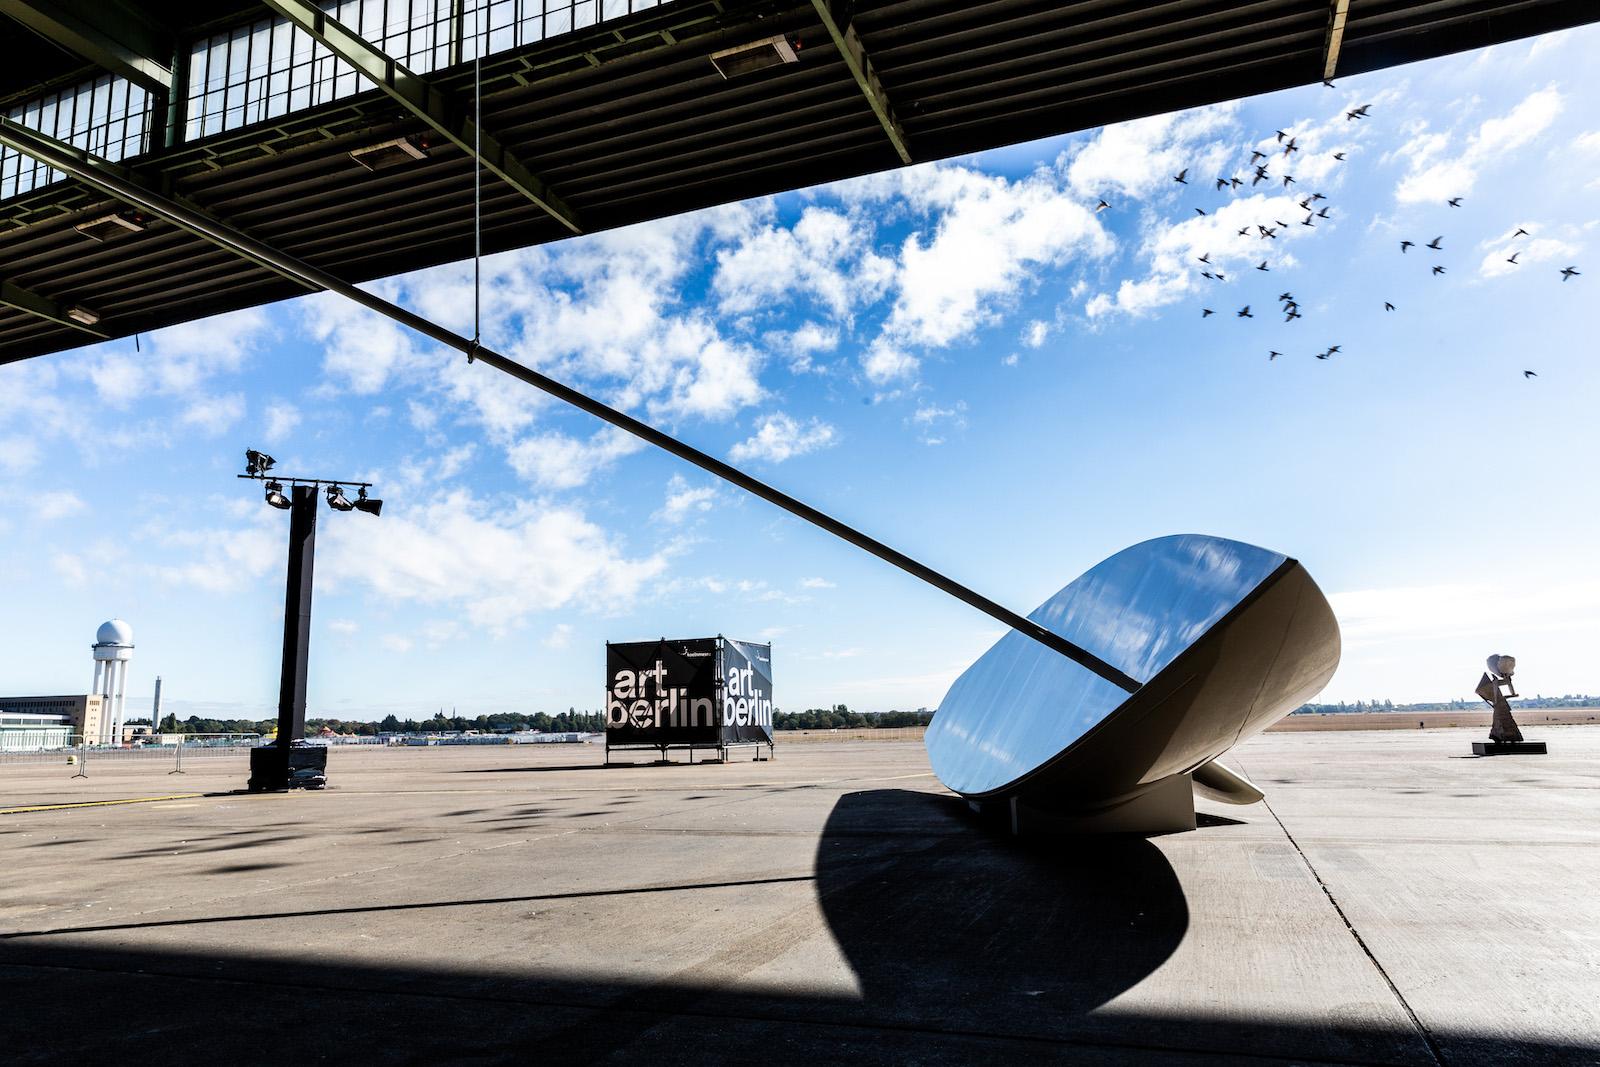 art berlin, Außenskulpturen auf der Art Berlin Fair 2018—Berlin Tempelhofer Flughafen. Foto: Clemens Porikys